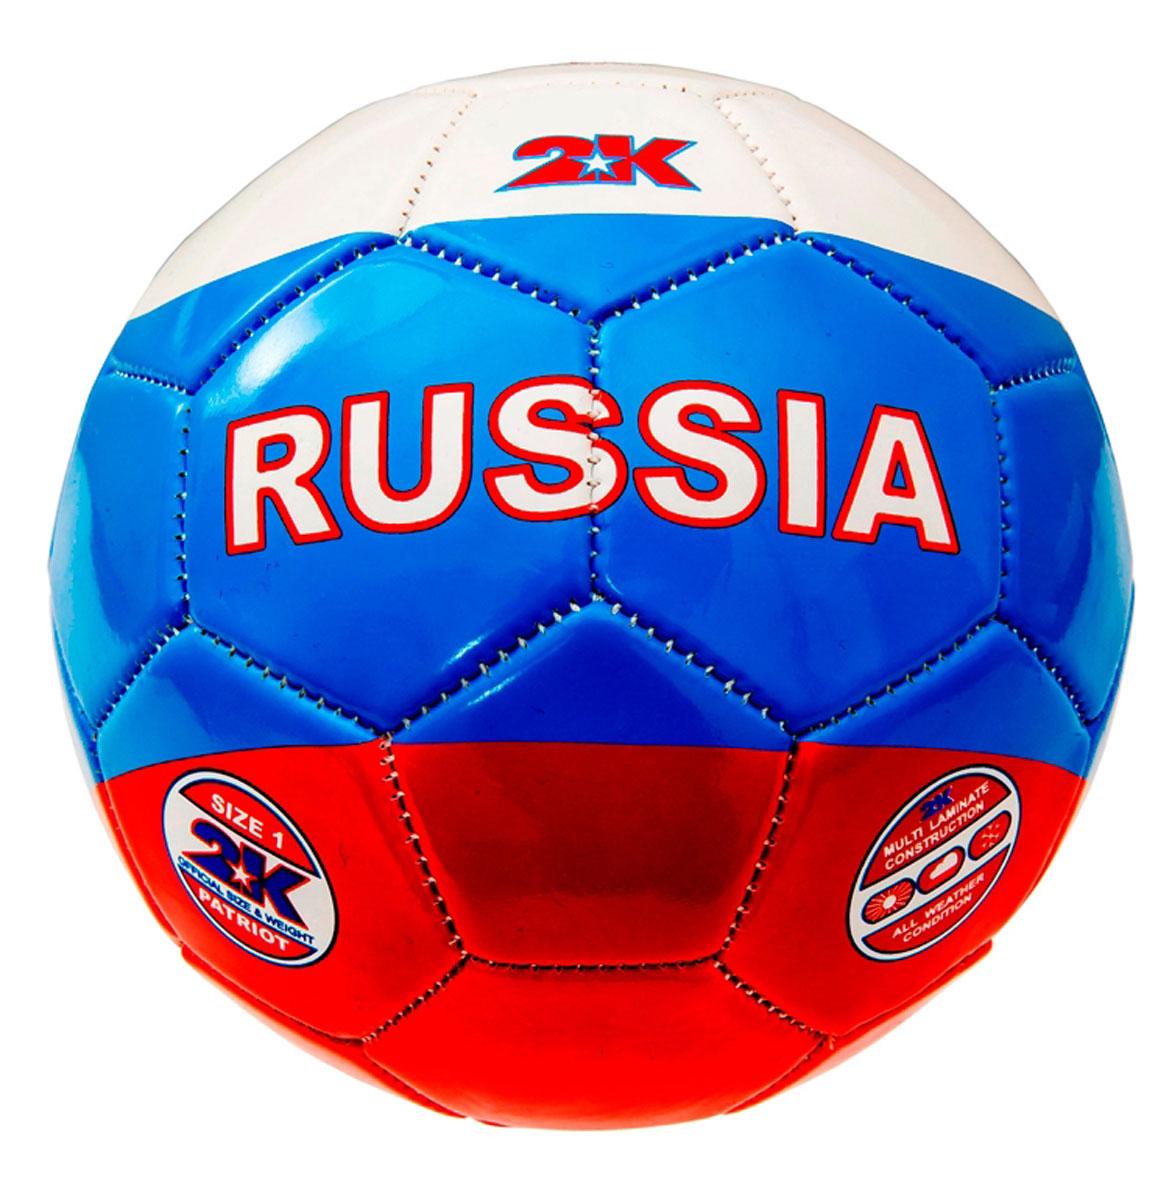 Мяч сувенирный 2K Sport Patriot, цвет: белый, синий, красный. Размер 1231_002Сувенирный мяч 2K Sport Patriot украшен символикой Российской Федерации. Подкладка выполнена из трех слоев полиэстера. Камера изготовлена из высококачественного латекса. Машинная сшивка.